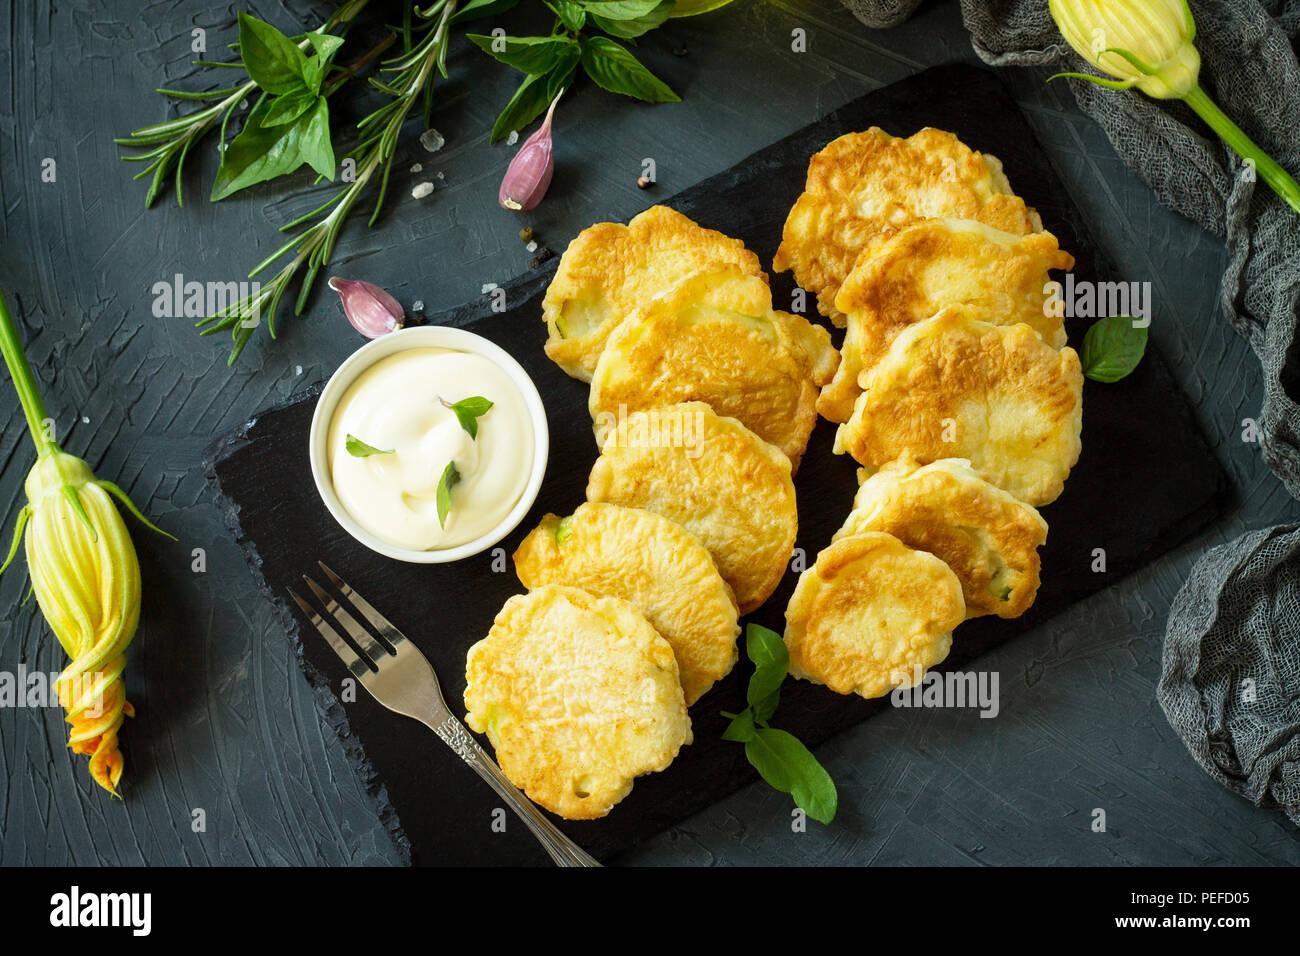 Vegano frittelle vegetali su uno sfondo di ardesia tagliere. Vegetariano fritto cotolette o frittelle. Il concetto di fast food. Vista superiore piatta bac laici Immagini Stock